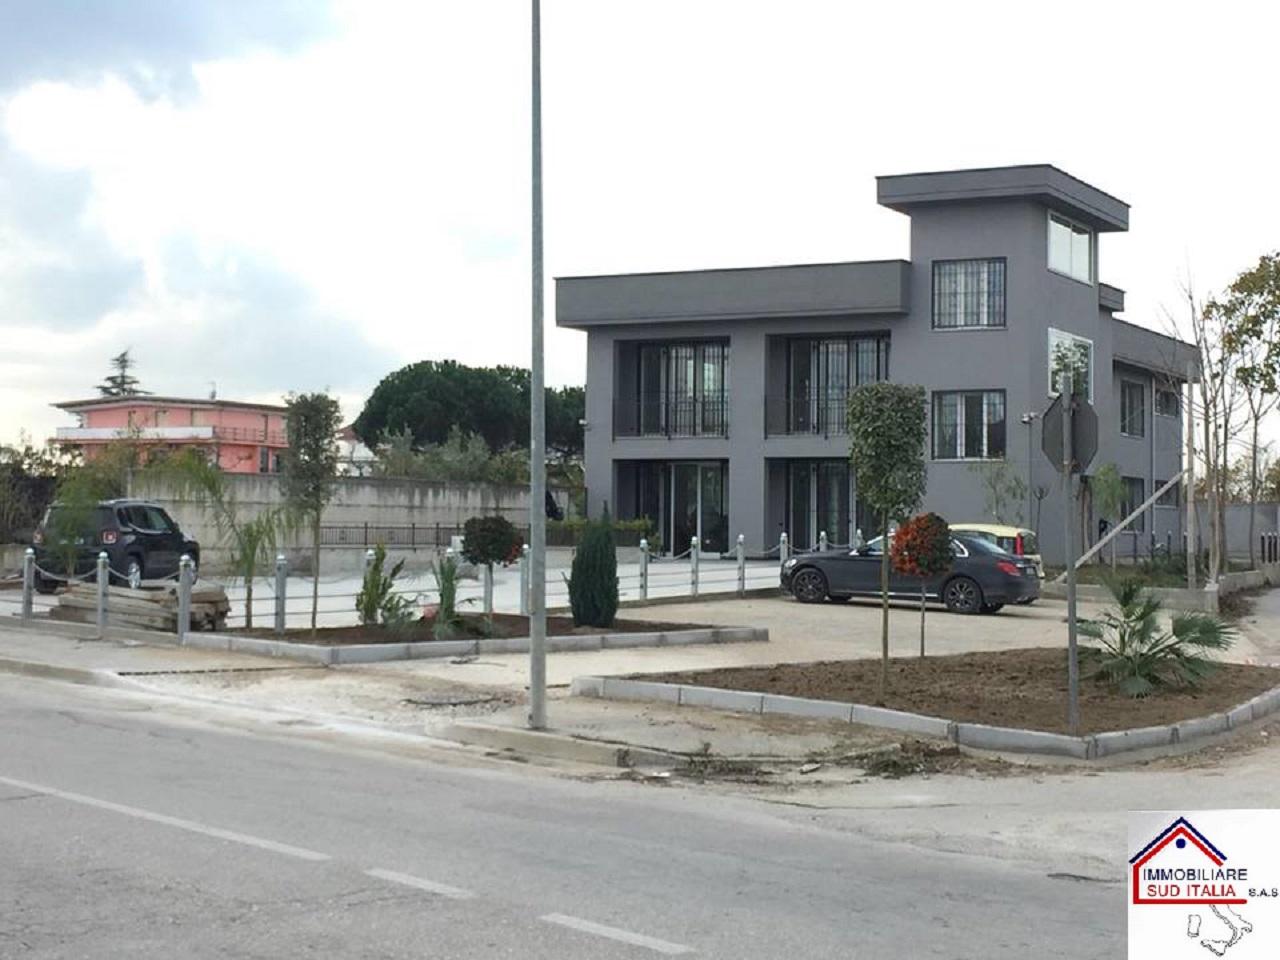 Negozio / Locale in vendita a Parete, 9999 locali, Trattative riservate | CambioCasa.it